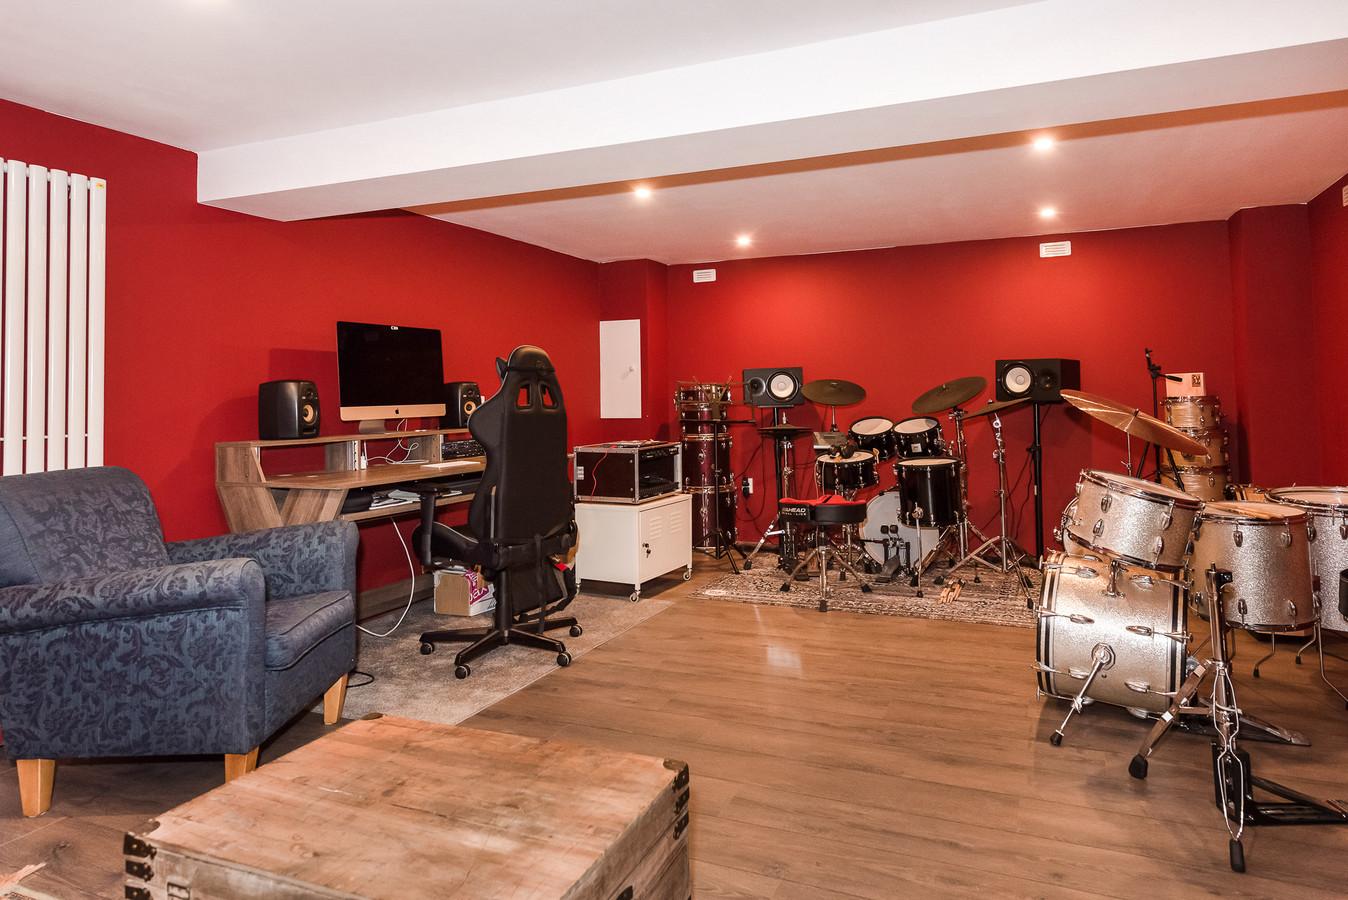 De muziekstudio in de kelder. Deze is 6,5 meter bij 4,5 meter groot en 2,1 meter hoog. Genoeg ruimte dus om ongestoord te jammen.